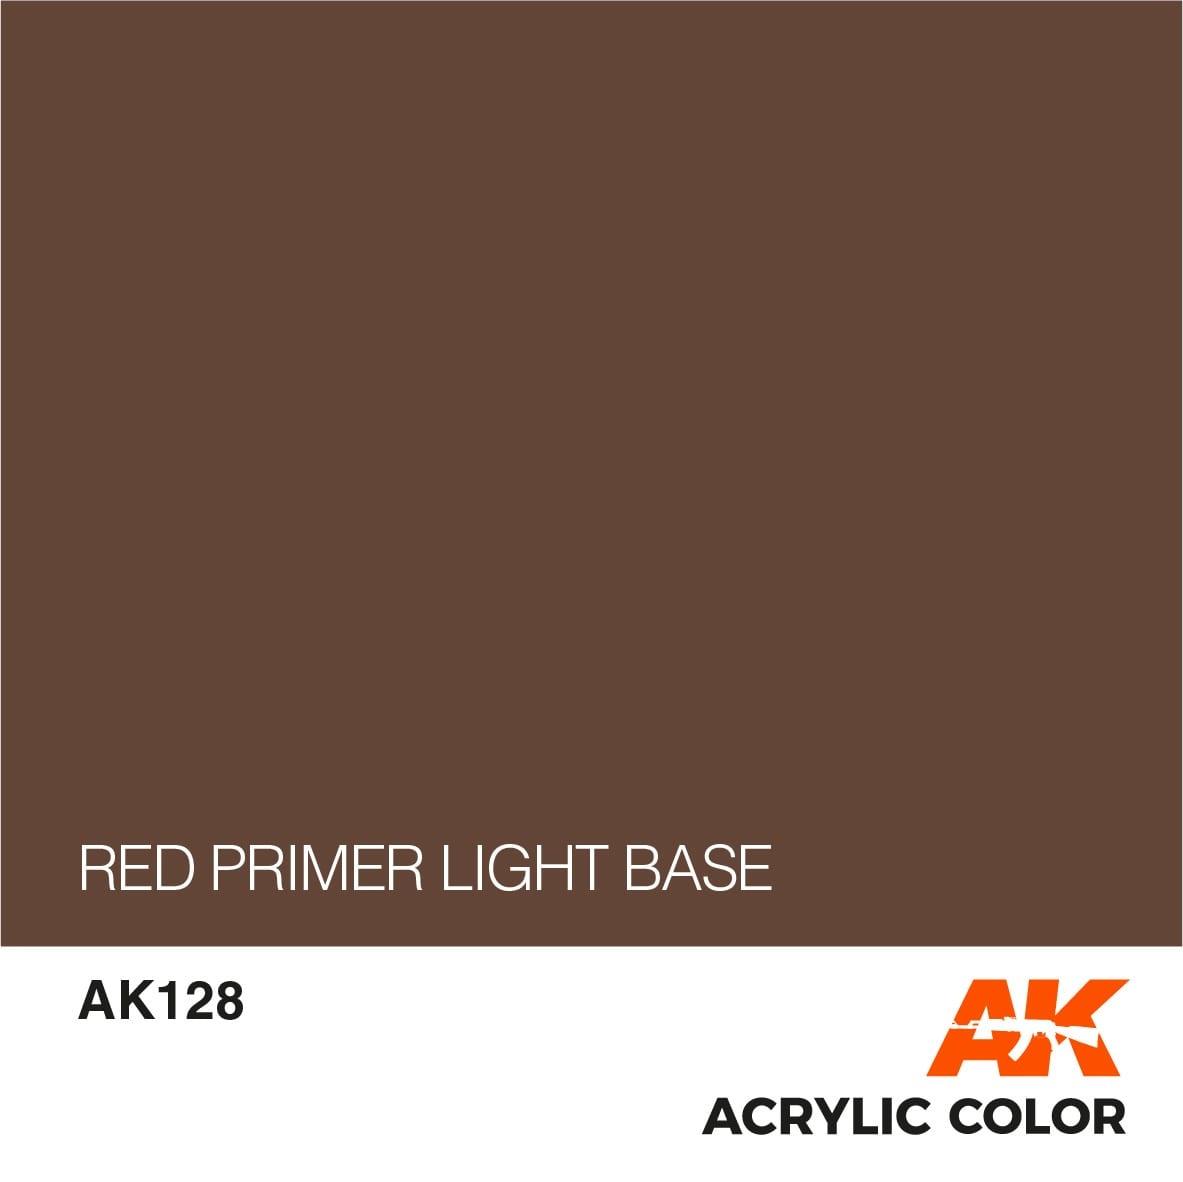 AK-Interactive Red Primer Light Base - 17ml - AK-Interactive - AK-128